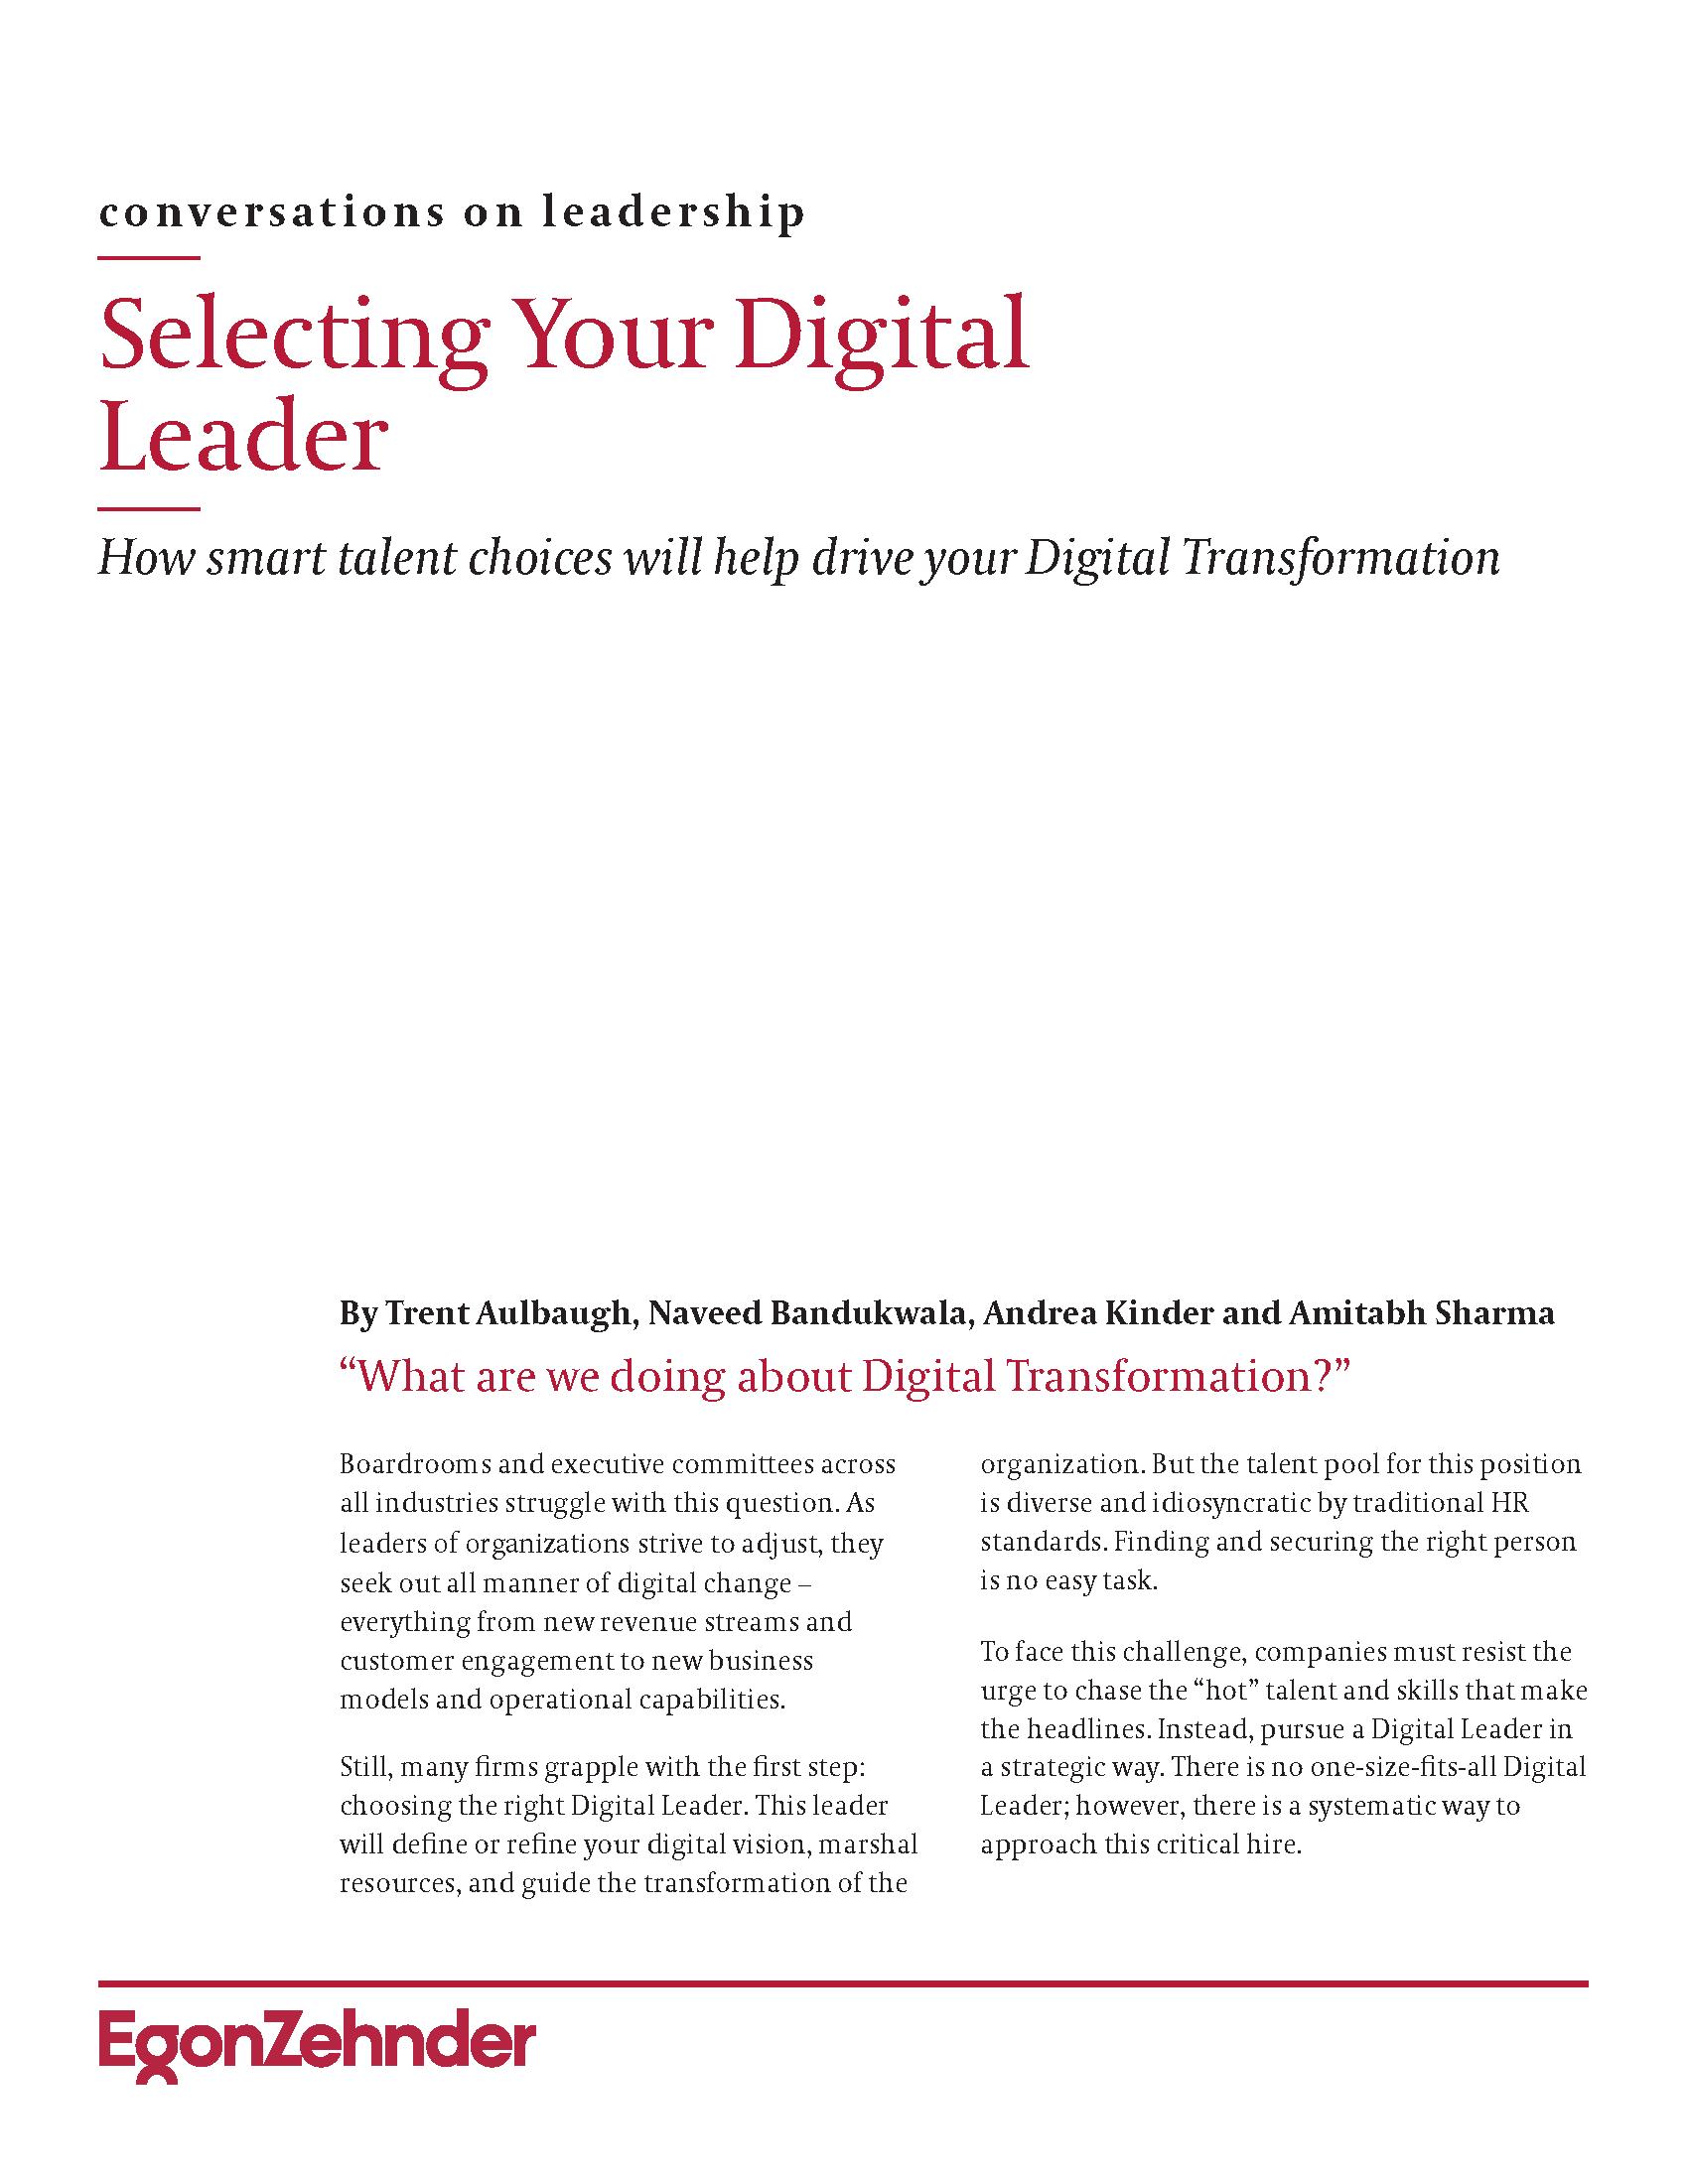 Selecting Your Digital Leader - Egon Zehnder